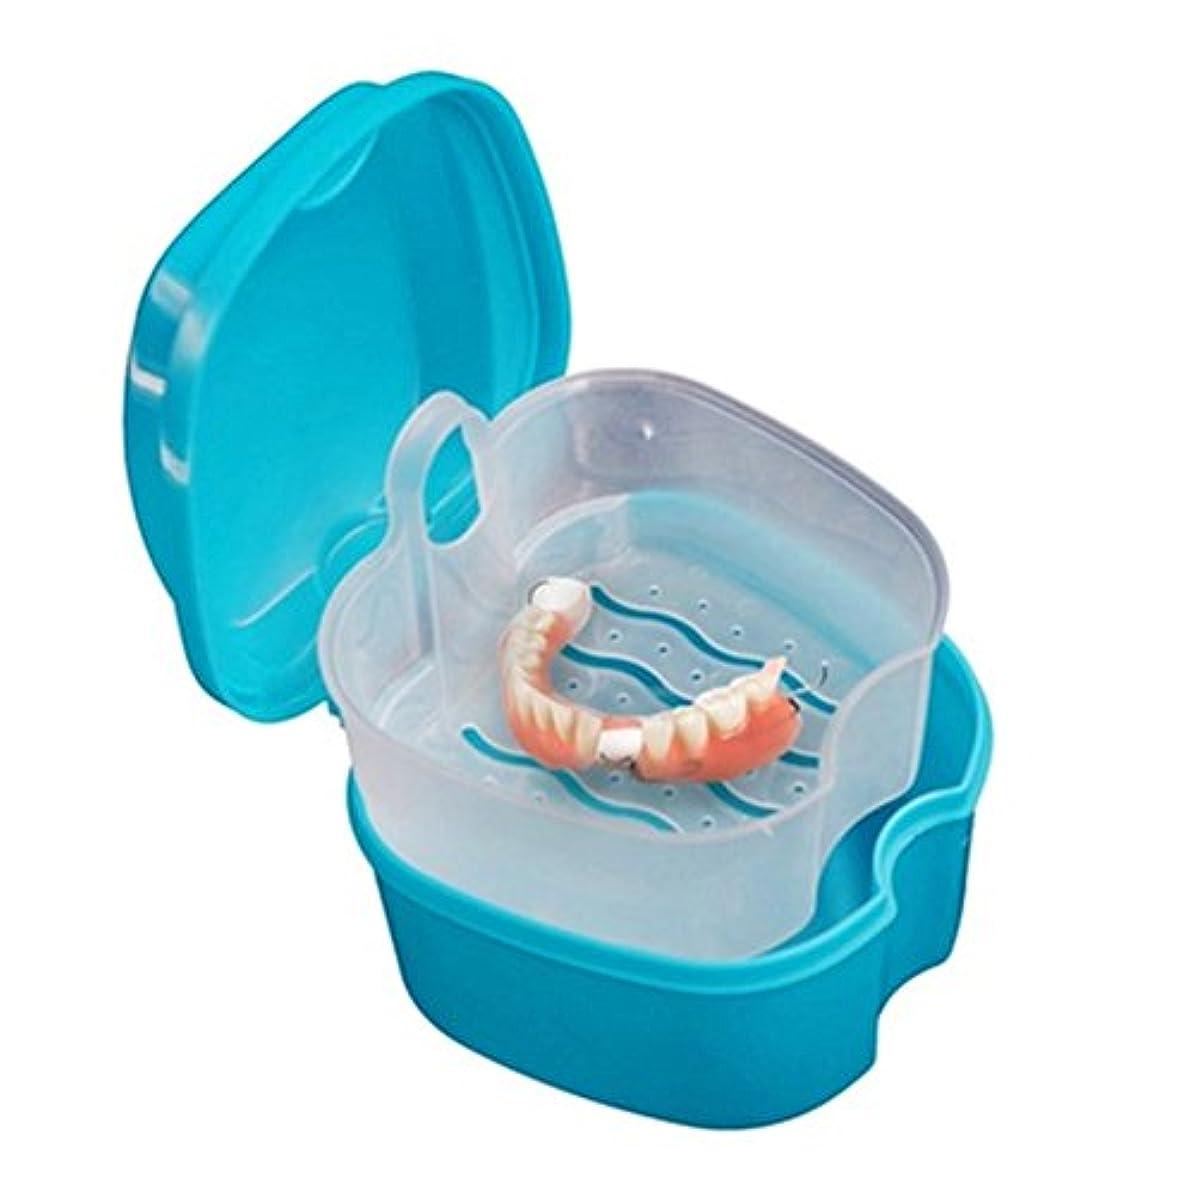 ダーベビルのテスボート患者Cozyrom ネット付き 抗菌加工 乳歯 入れ歯収納ケース 容器 ボック 使いやすい